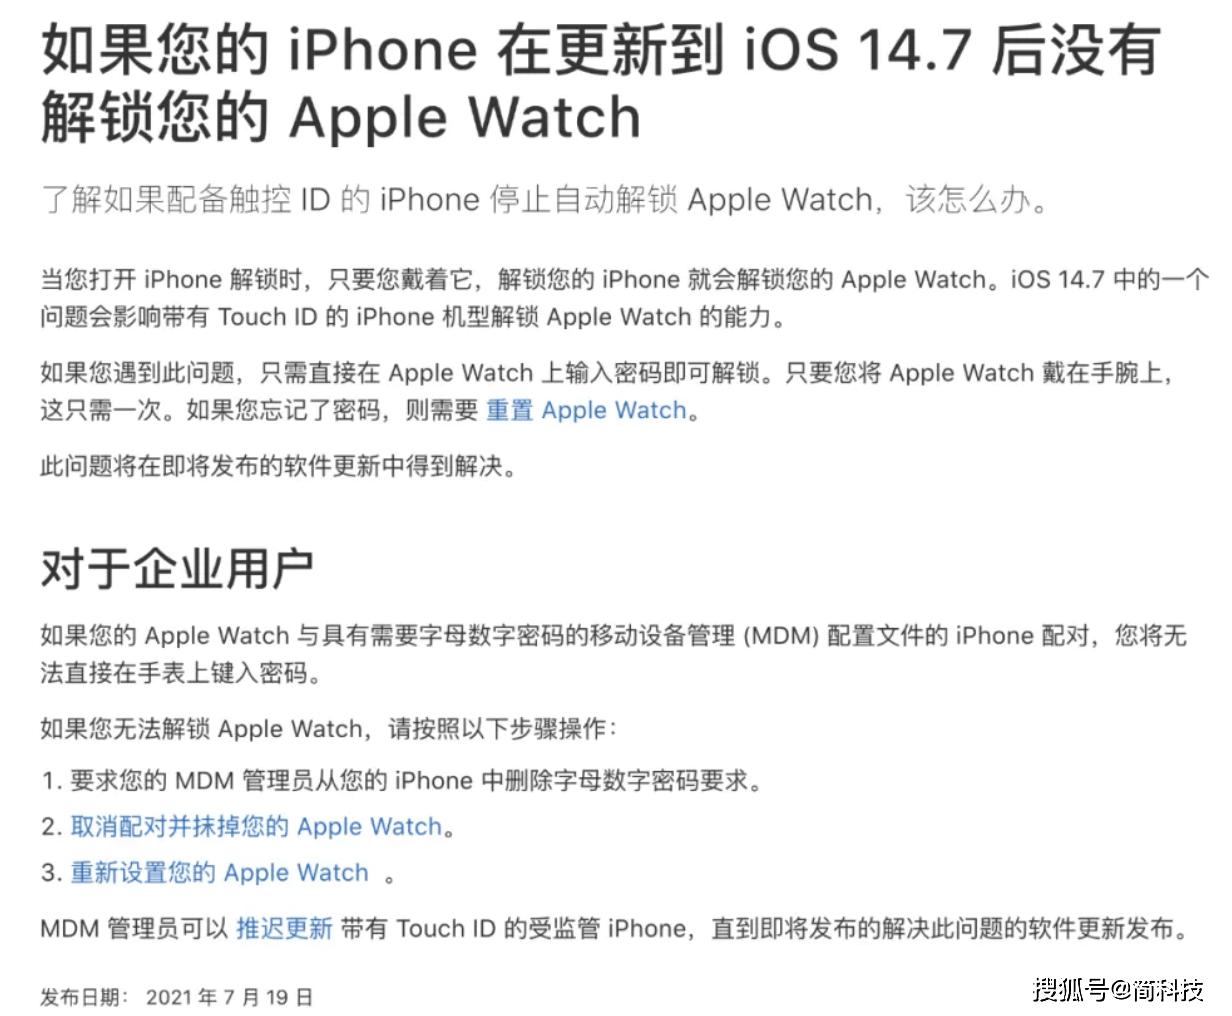 苹果官方宣布:iOS 14.7 存在问题,这些机型不建议升级!